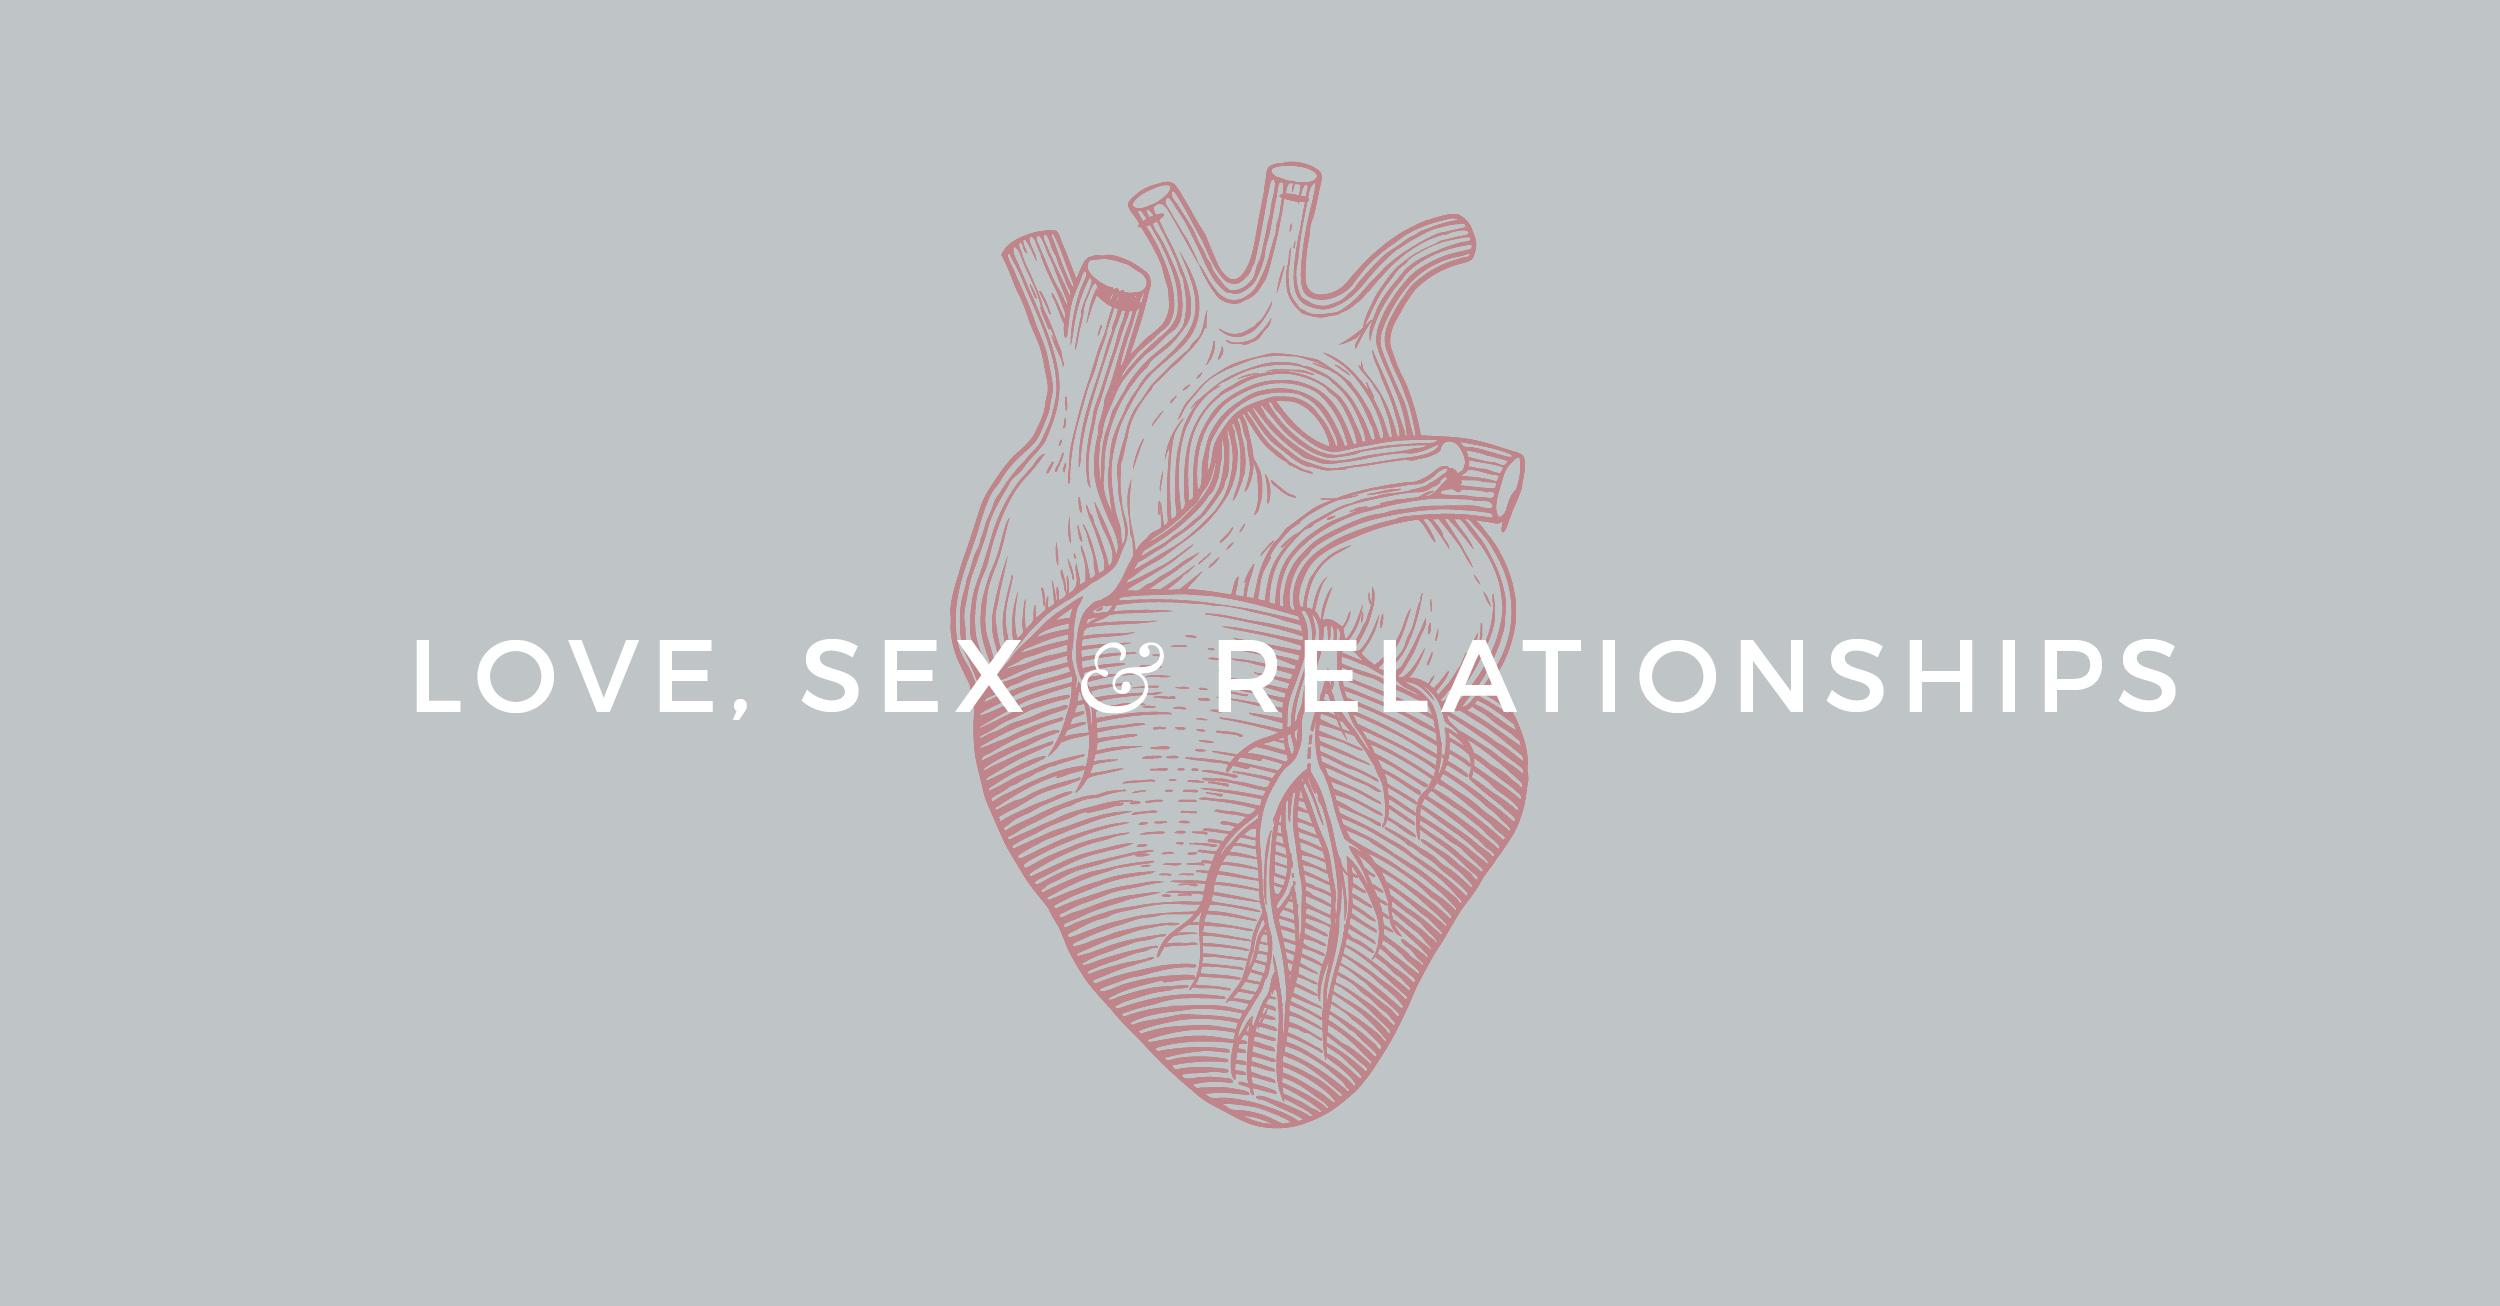 love-sex-relationships-web-banner.jpg